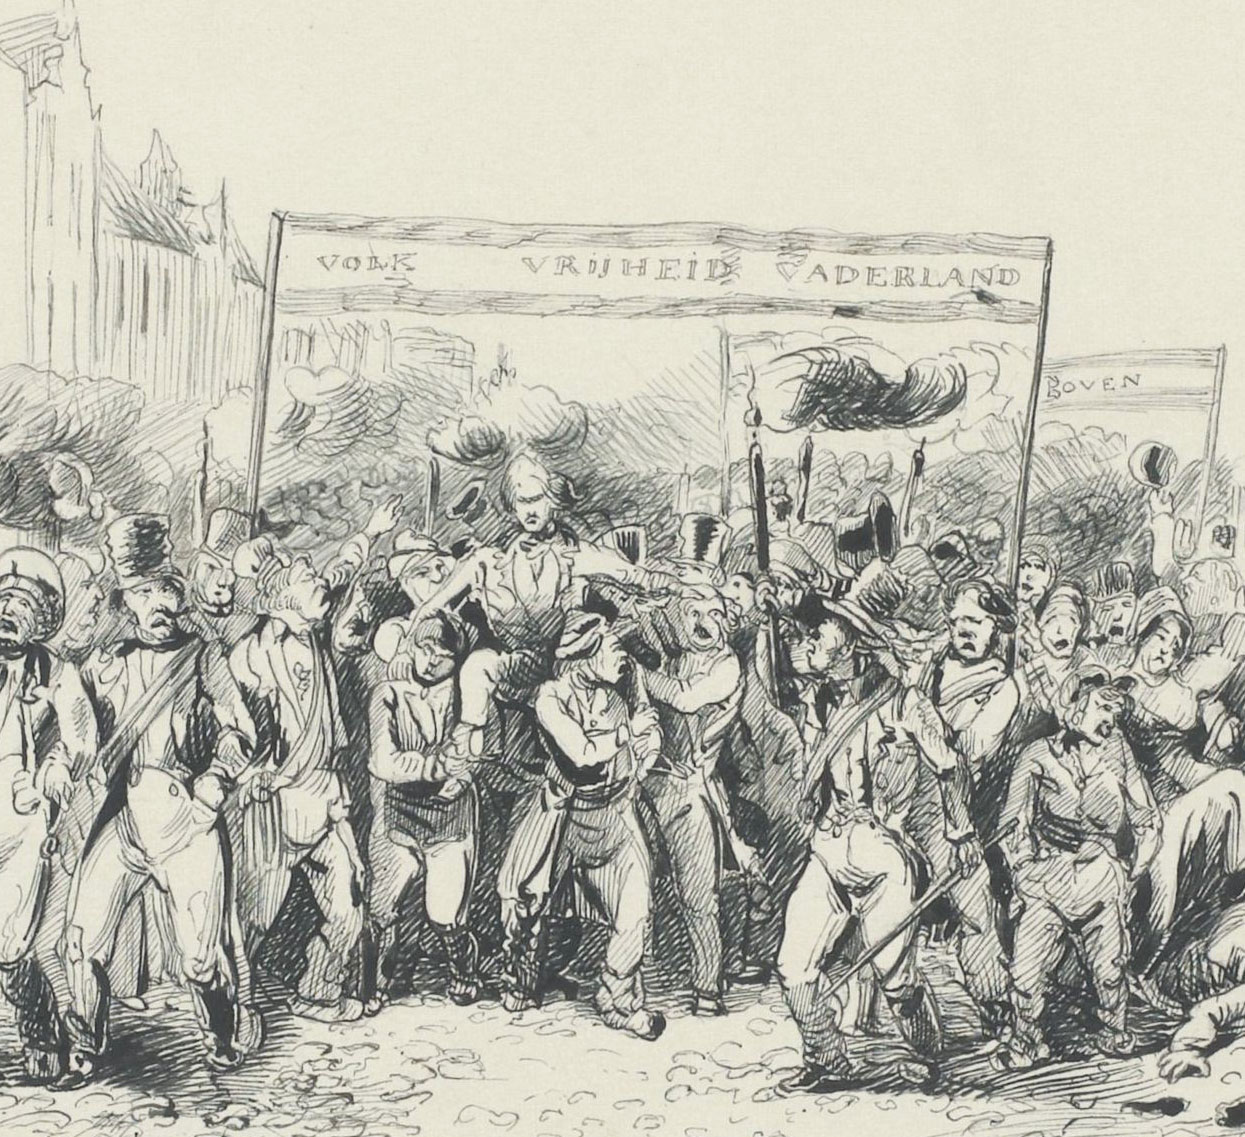 J.C. Wendel, Volksdemonstratie in Den Haag, 1848 (Rijksmuseum)